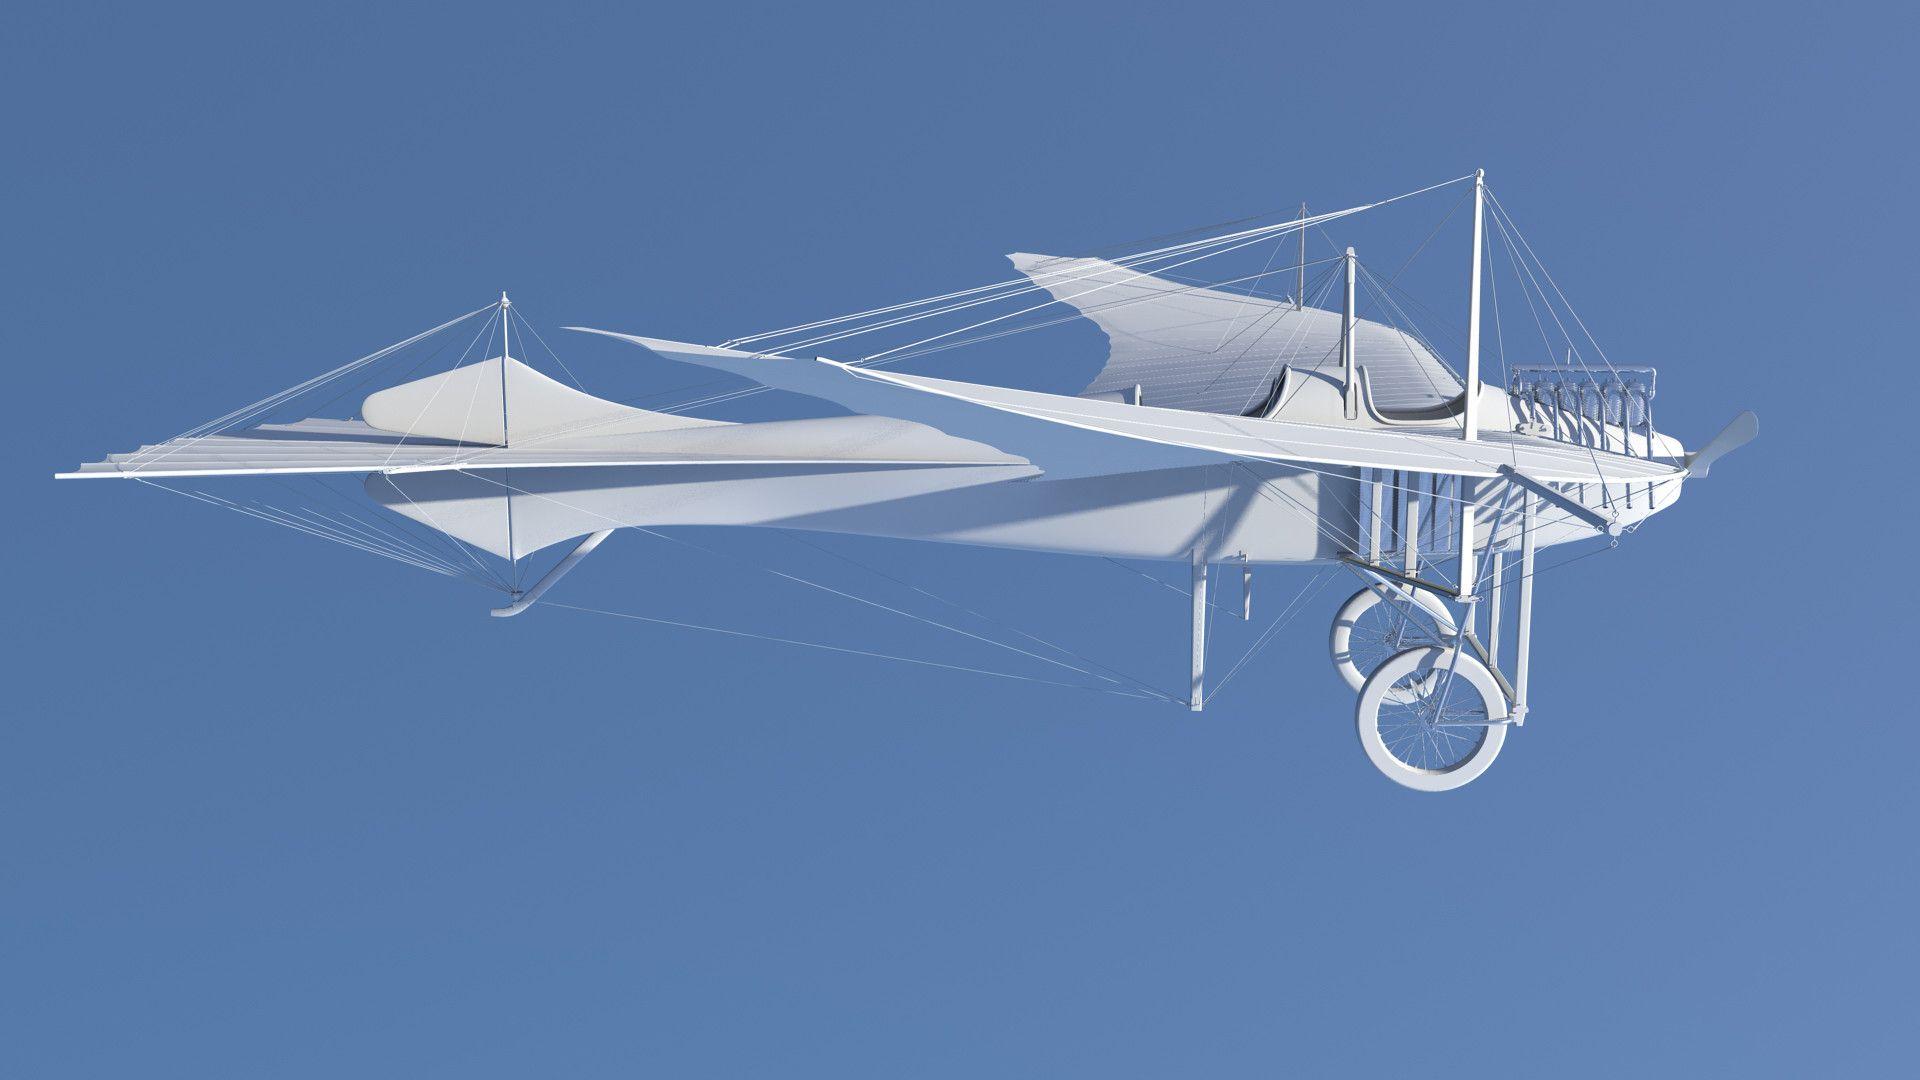 Taube airplane d x d model dmodeling pinterest